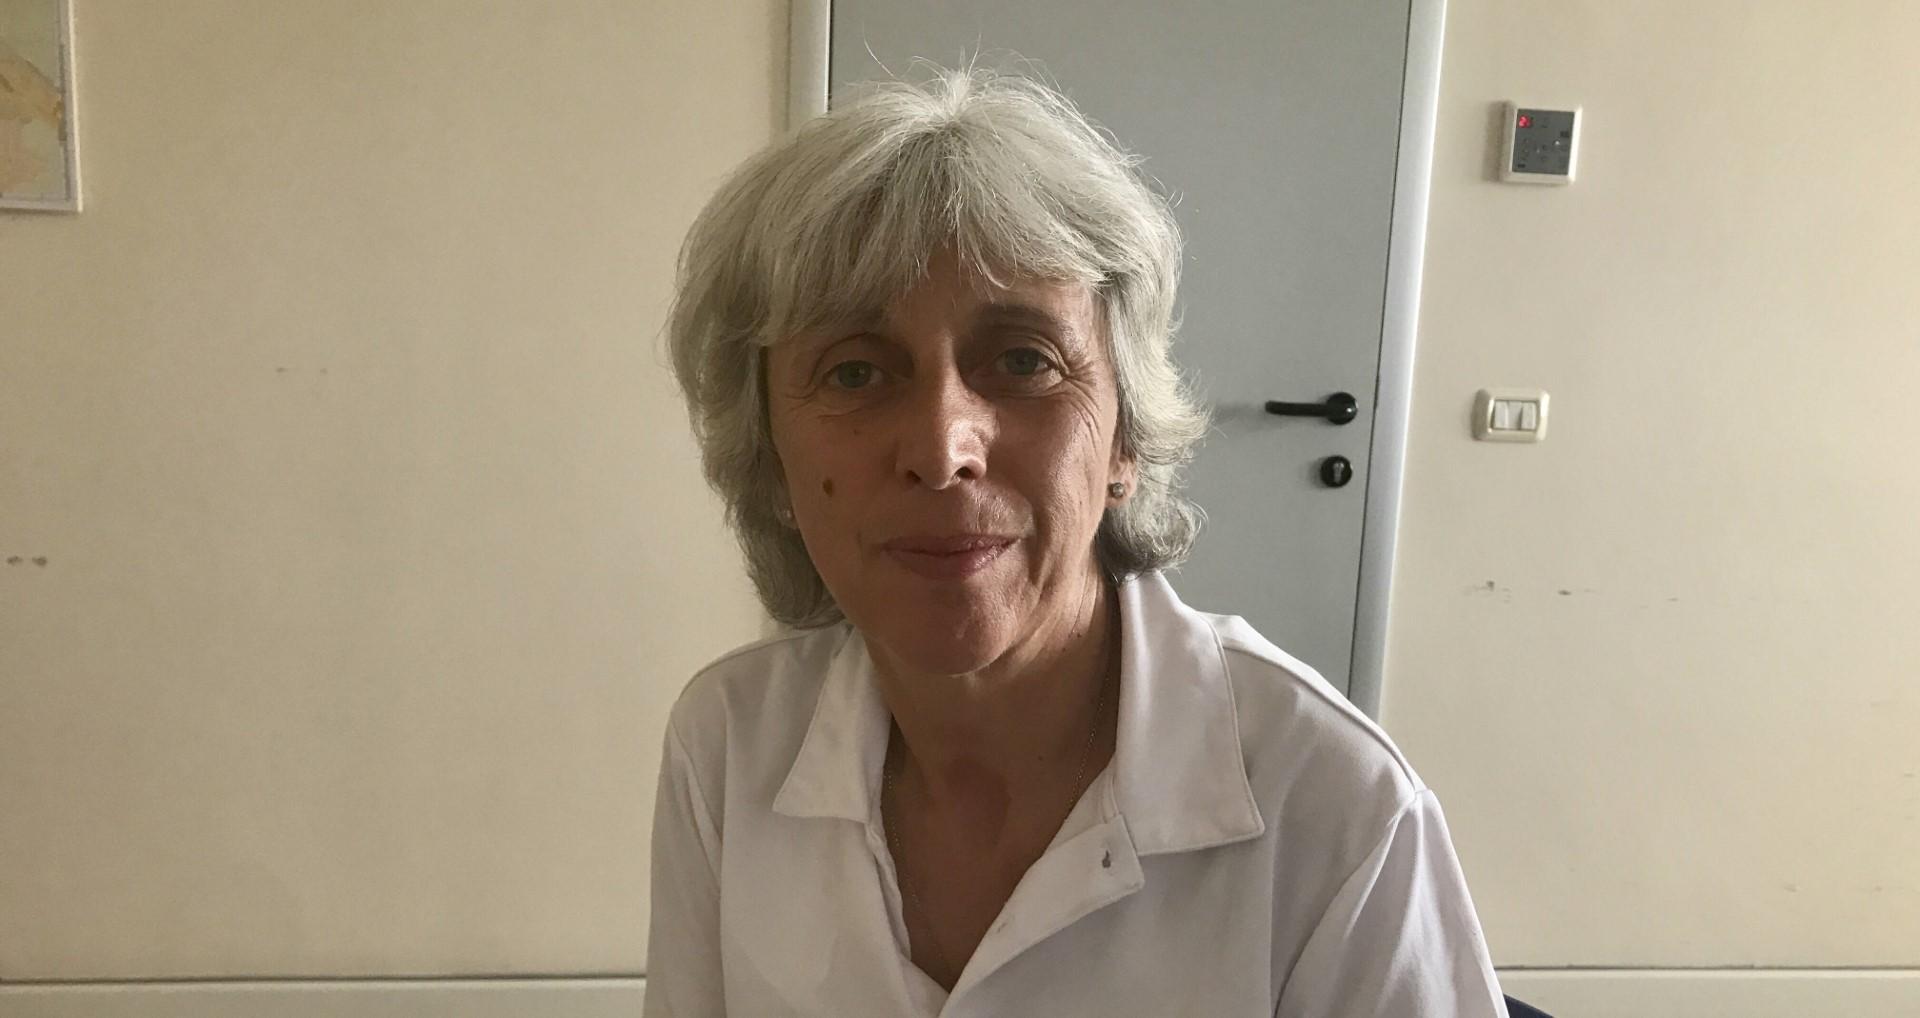 La dottoressa Cristiana Crevani, direttore degli uffici d'igiene e sanità pubblica dell'Ausl